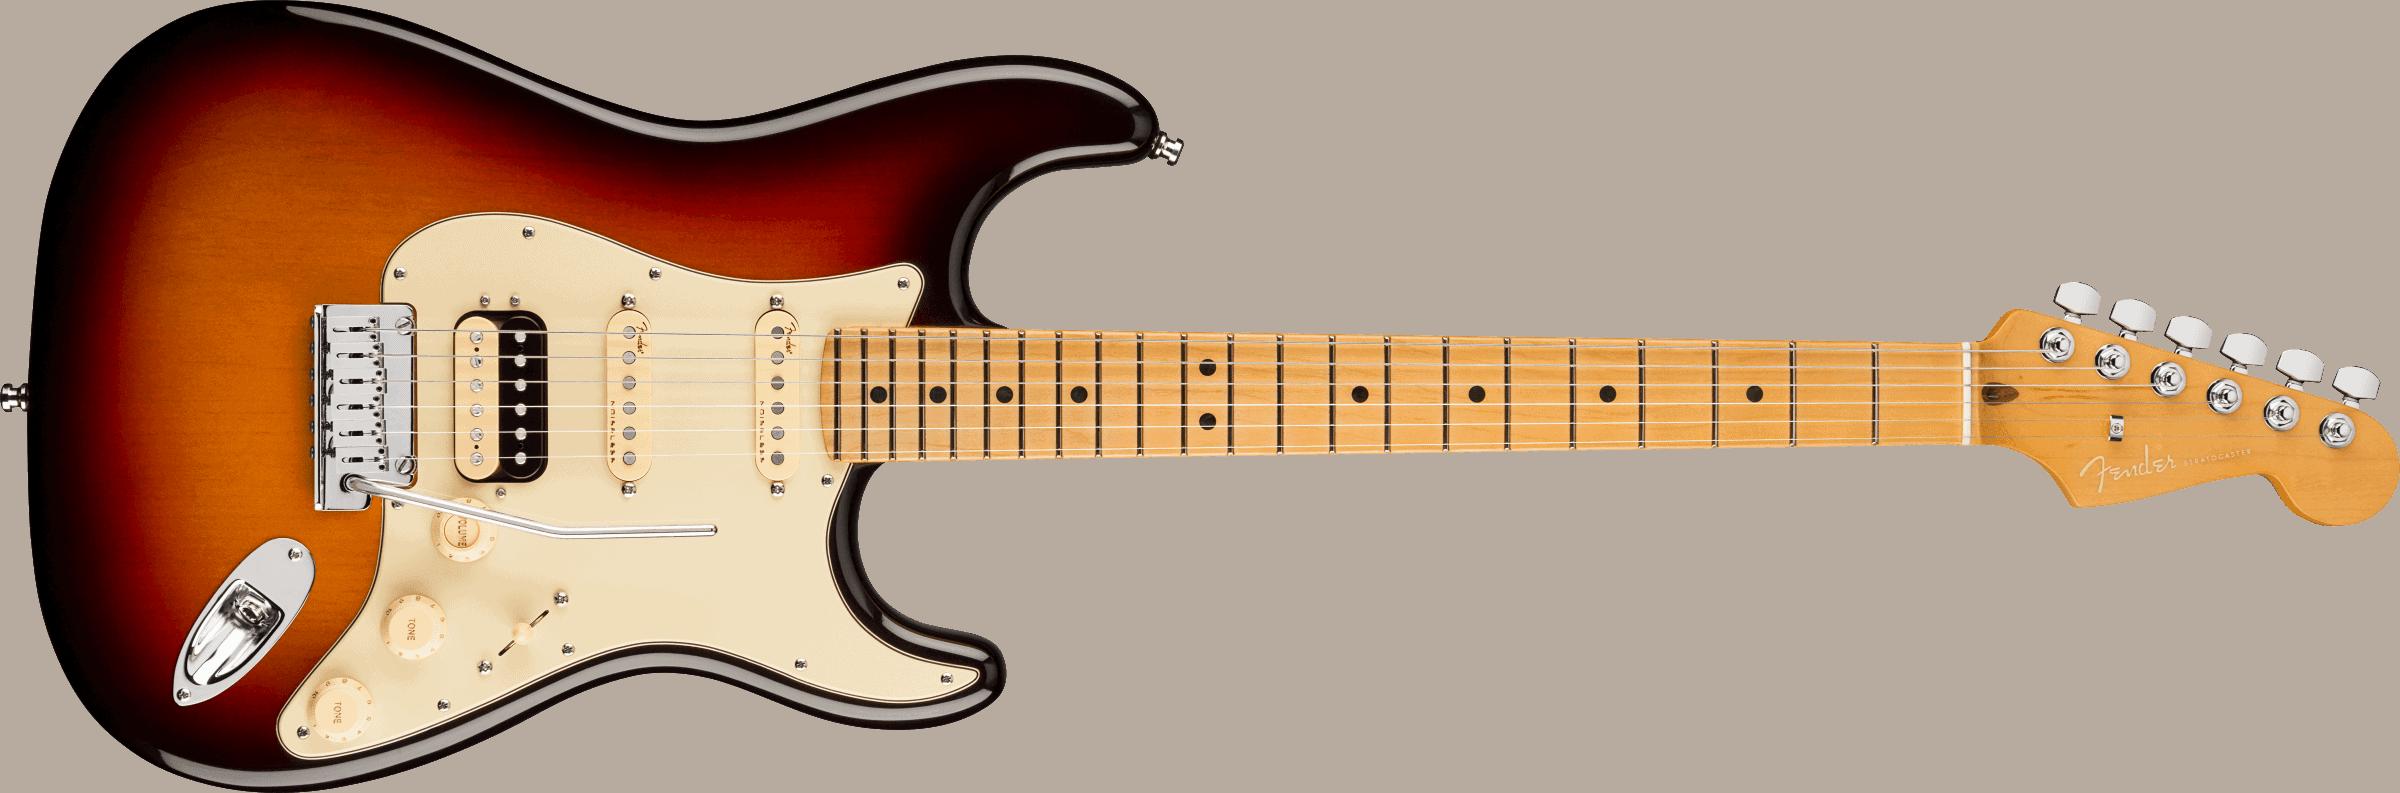 Fender American Ultra Stratocaster® HSS, Maple Fingerboard, Ultraburst